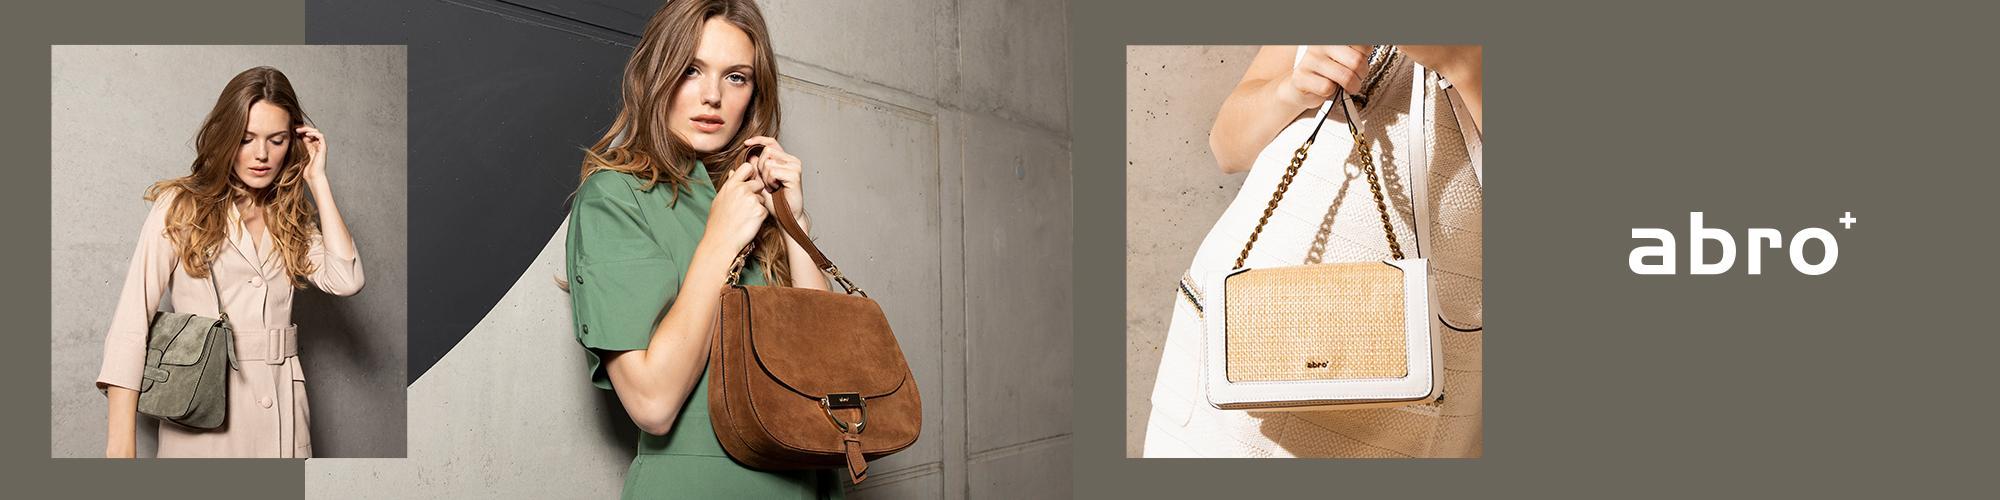 Abro väskor och plånböcker |